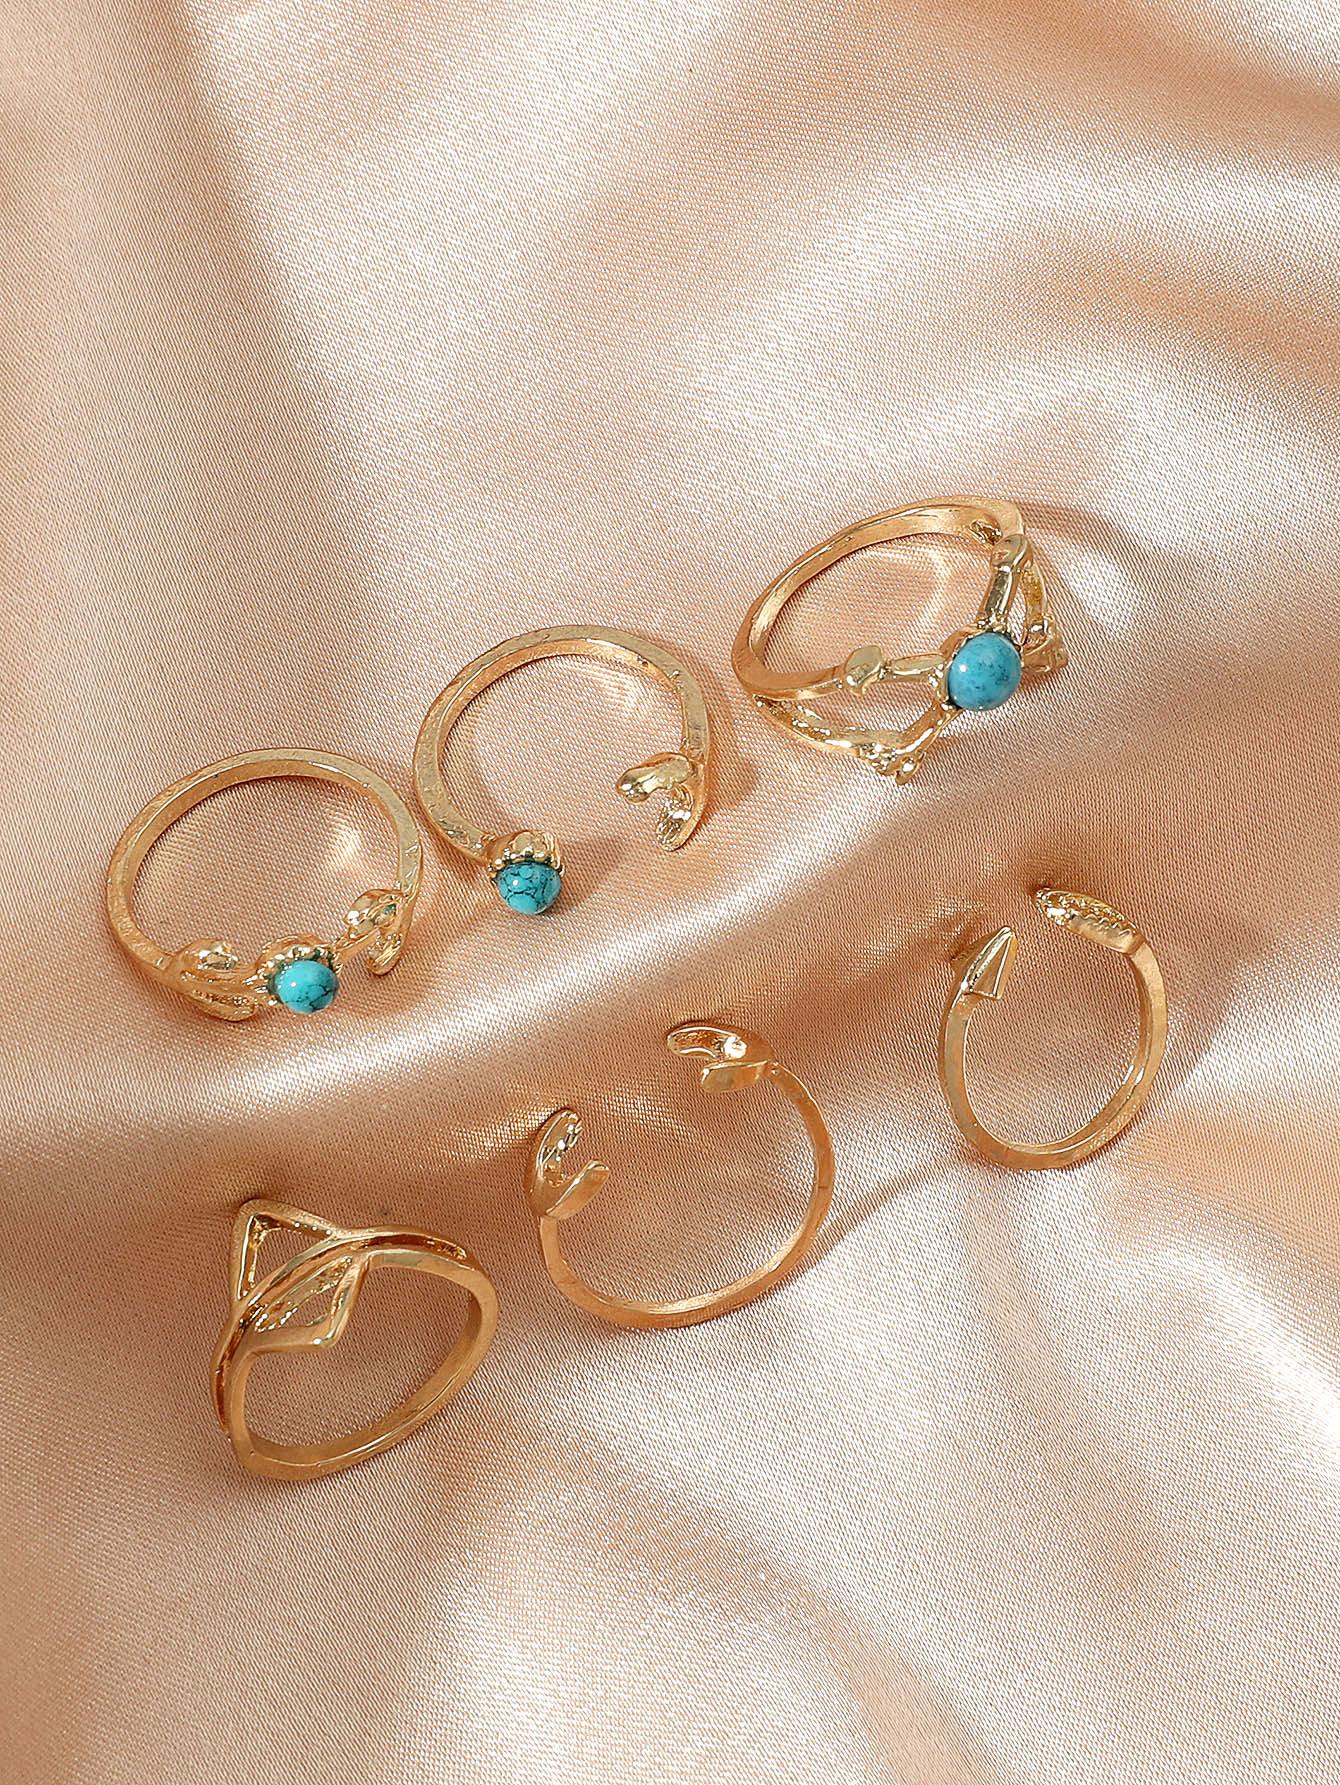 6pcs Turquoise Decor Ring thumbnail